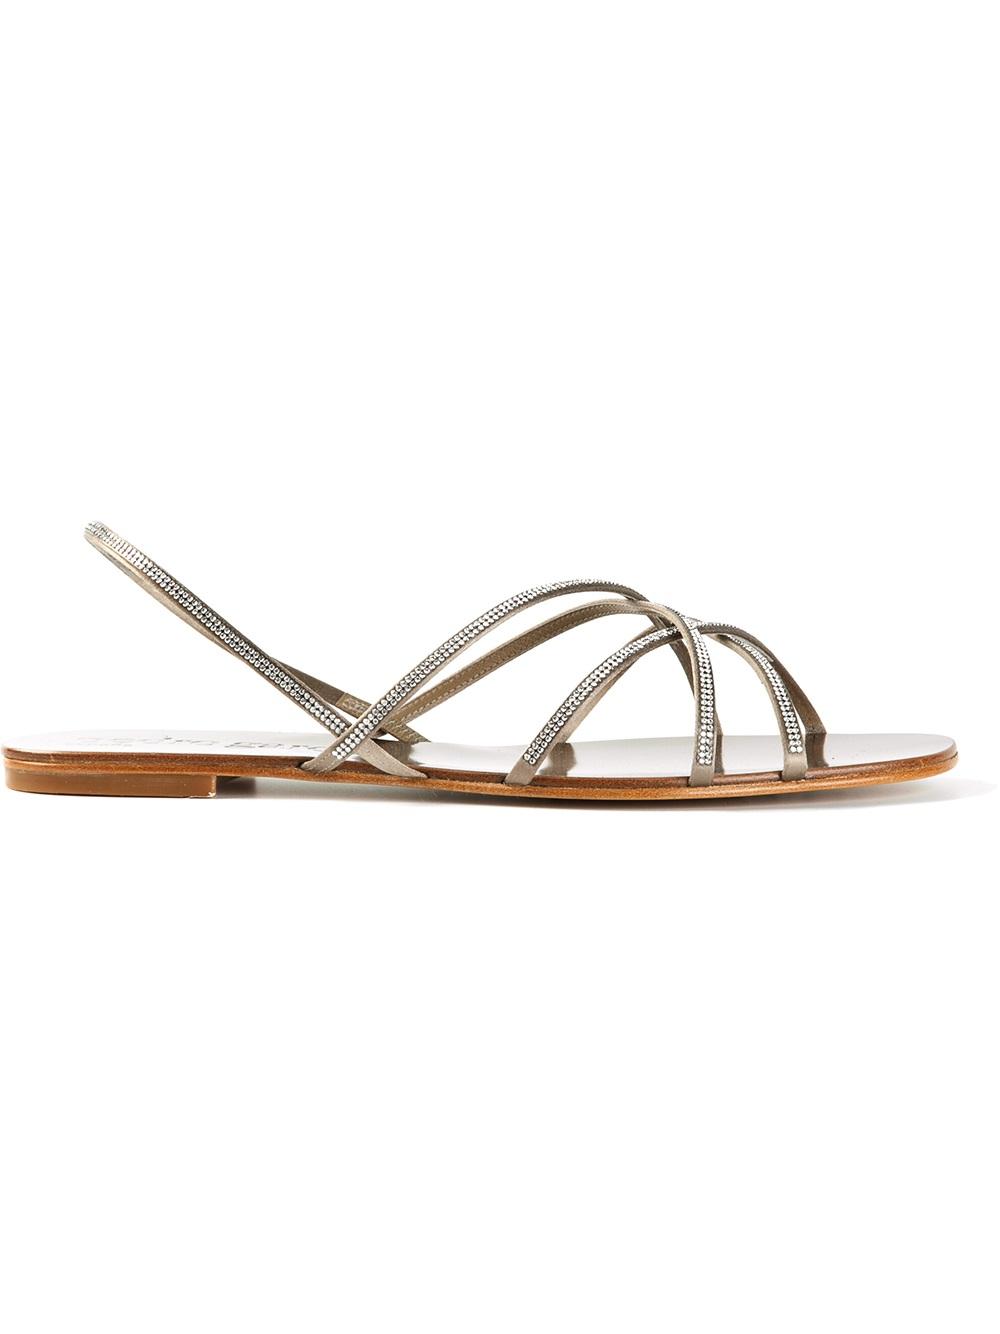 7dd4bc25bad Lyst - Pedro Garcia Elora Flat Sandals in Metallic